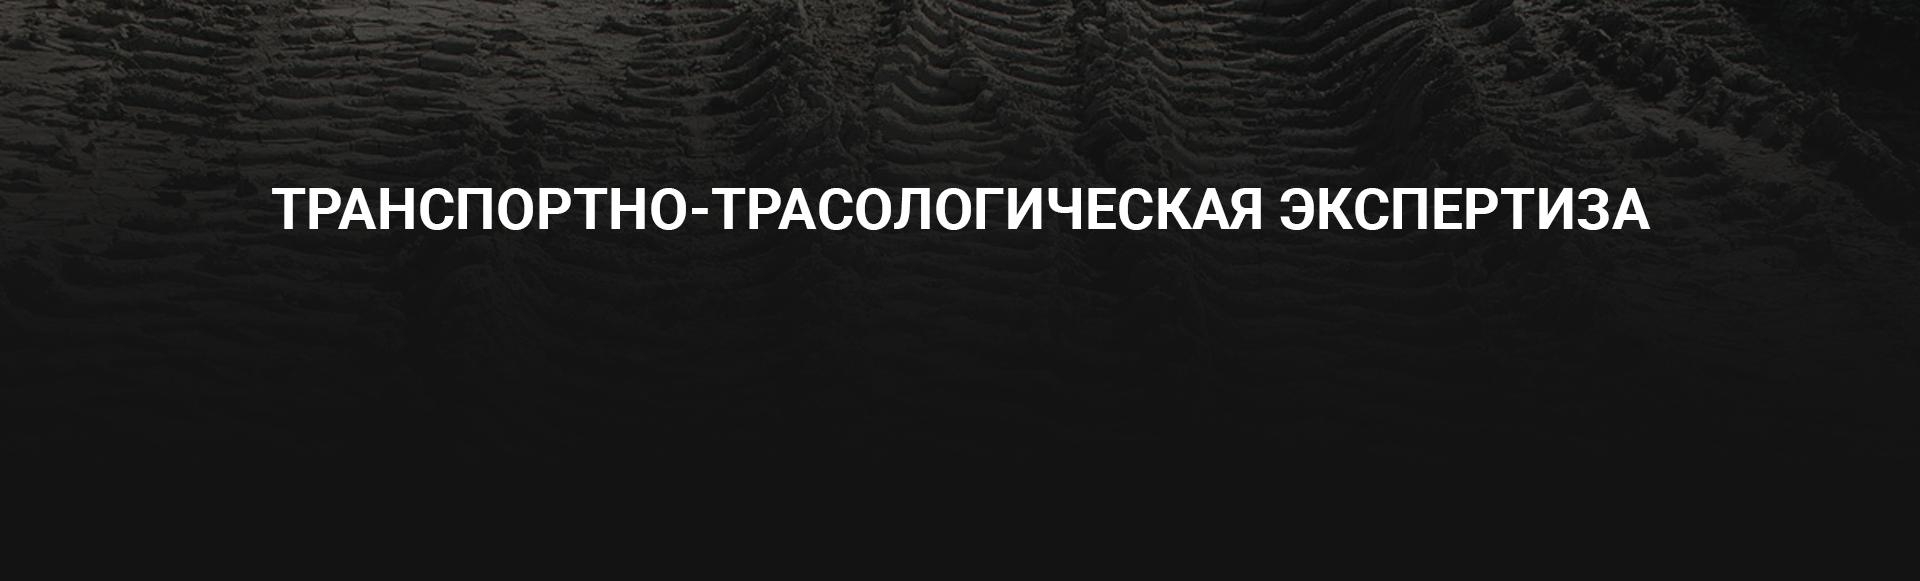 ИНАЭ МАДИ